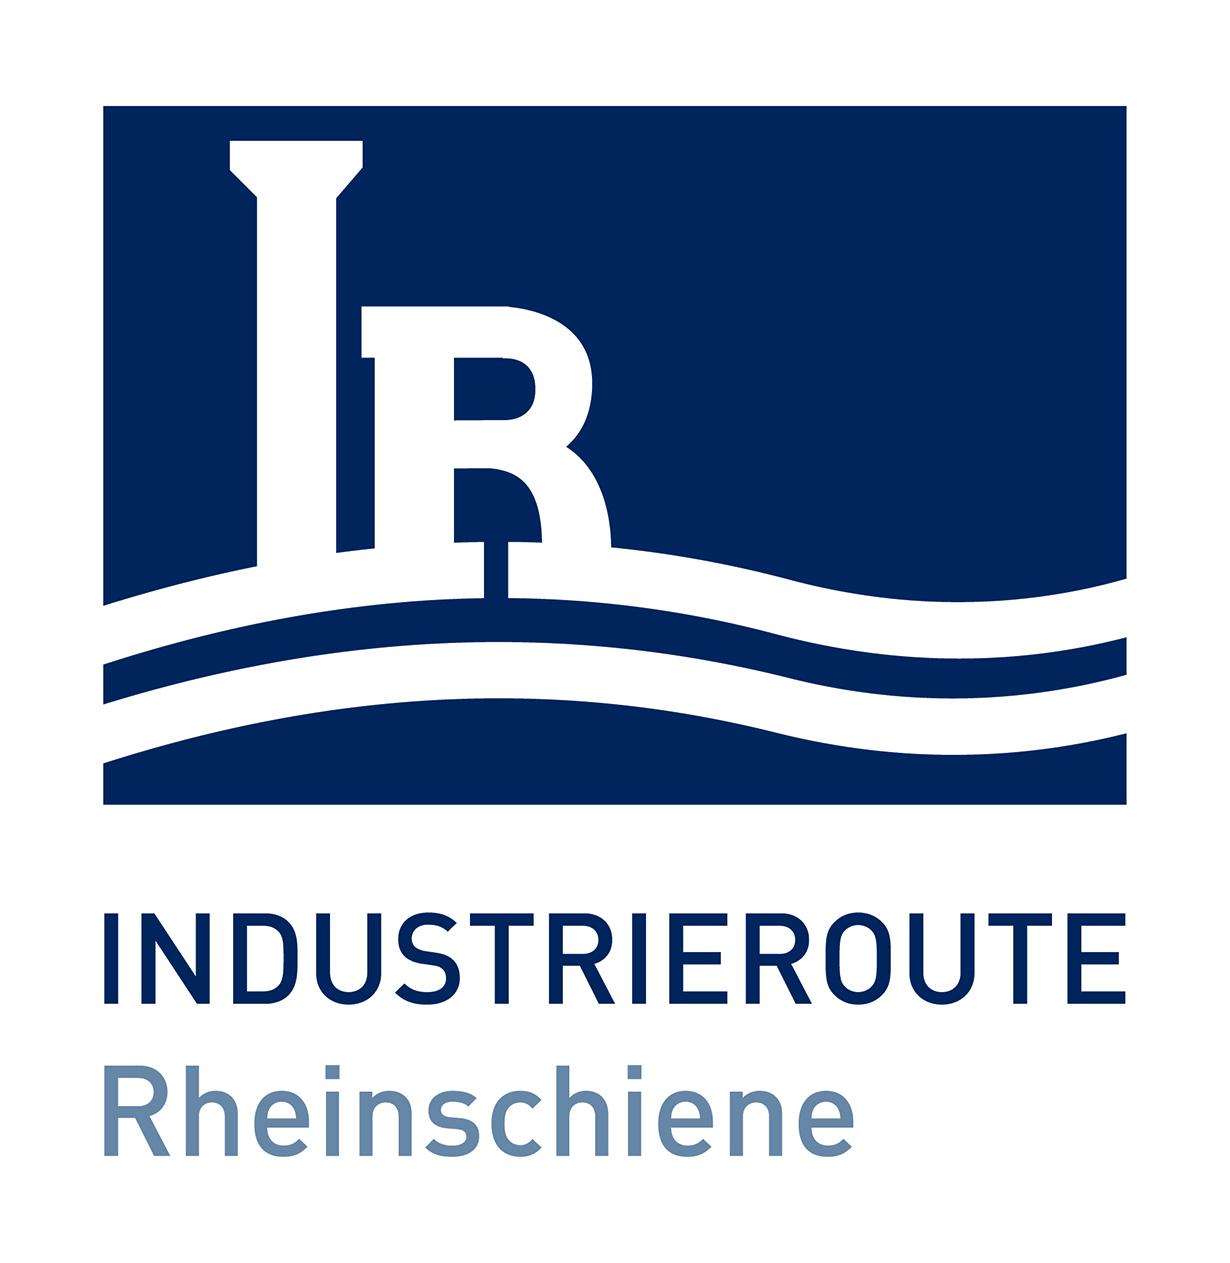 Industrieroute Rheinschiene